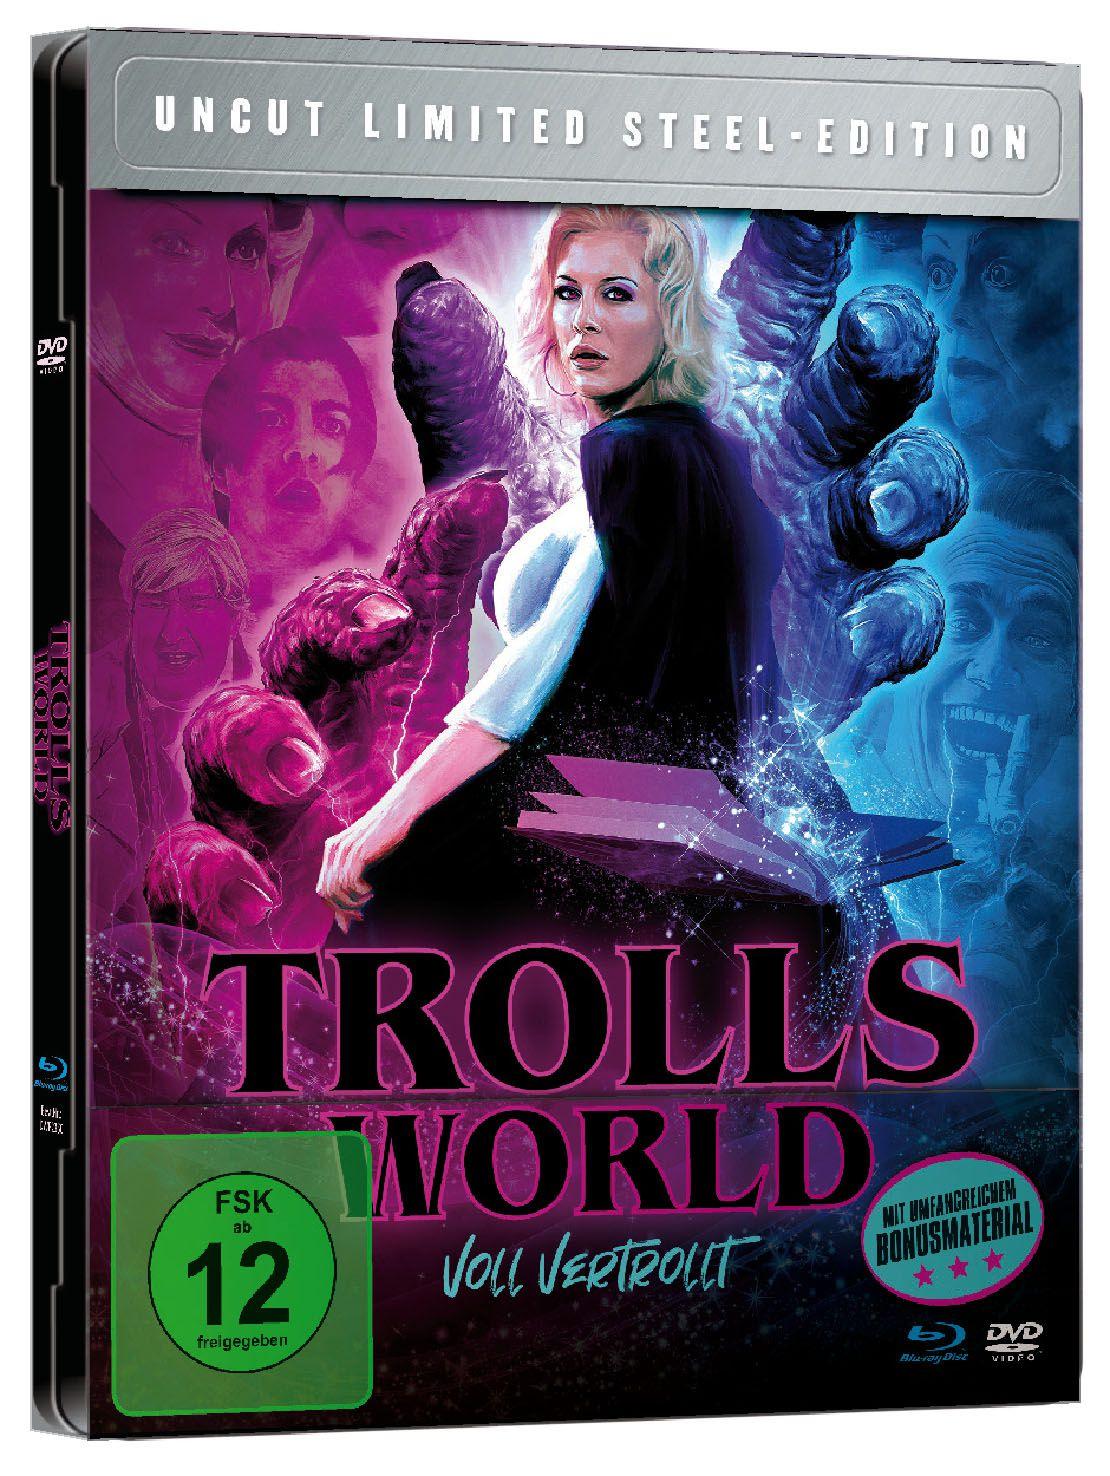 """Verlosung """"Trolls World - Voll vertrollt"""": Sehr wild, laut und berauschend"""